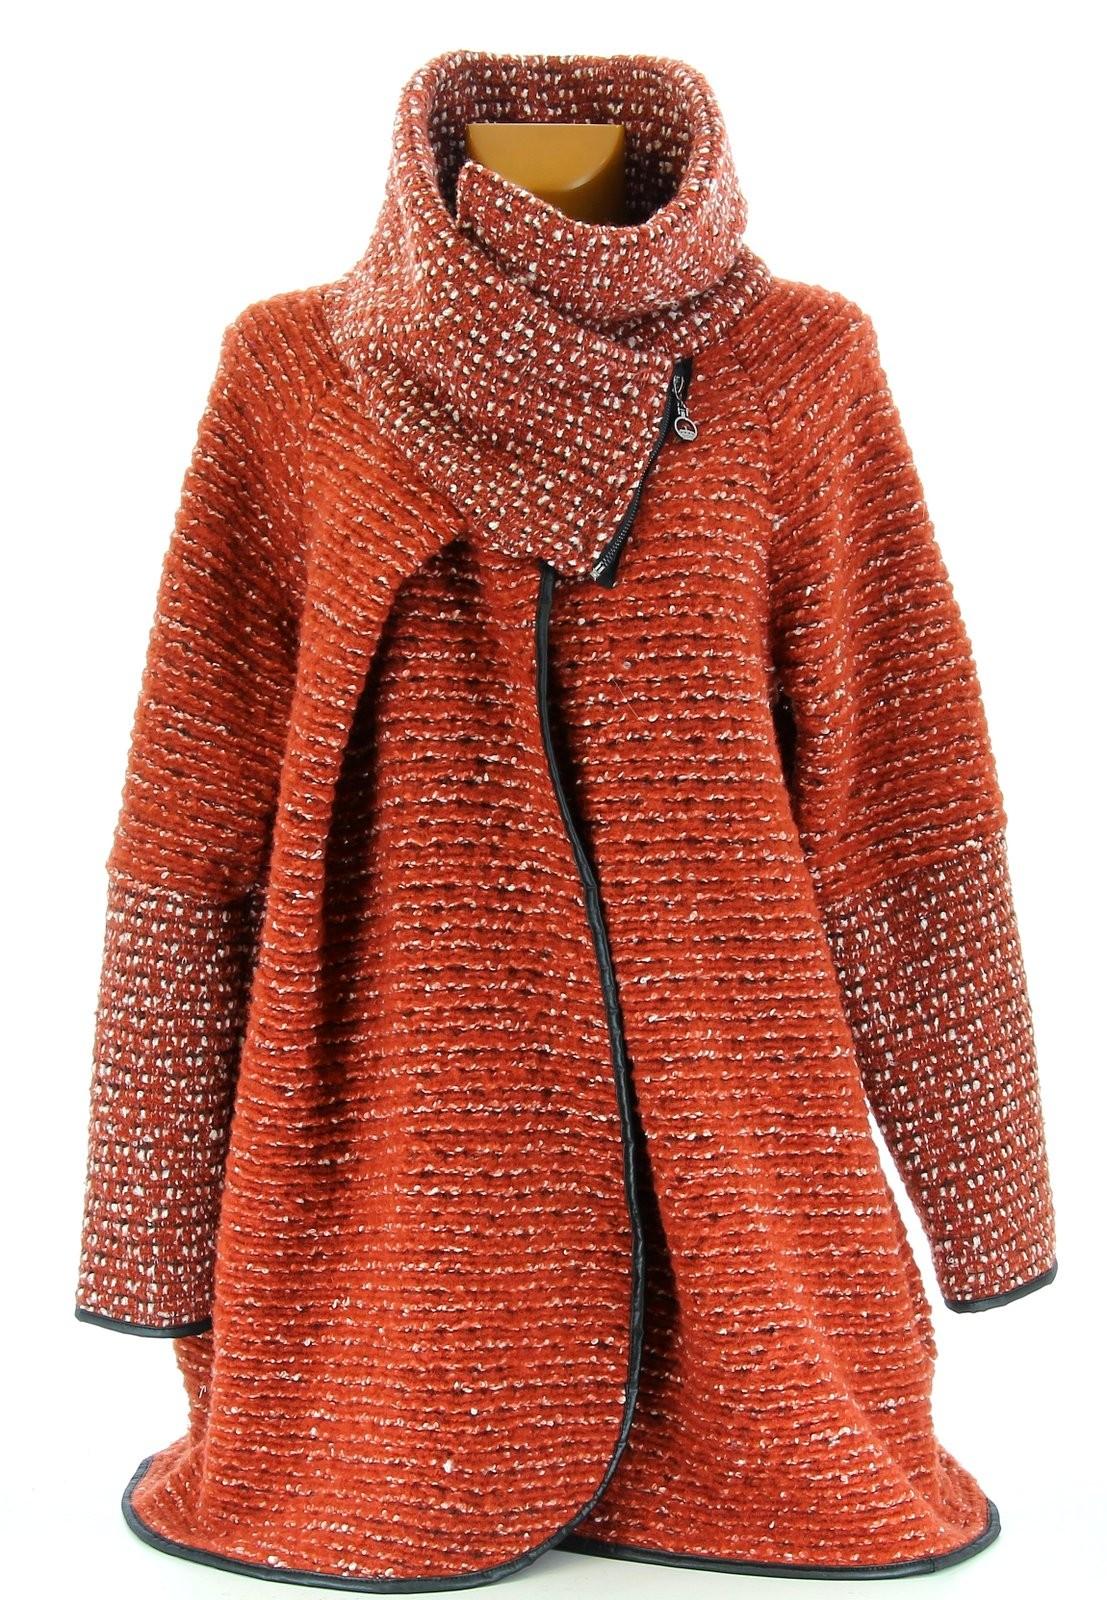 cc1a398f7810 Vetement en laine bouillie sous vetement laine merino   Zebux